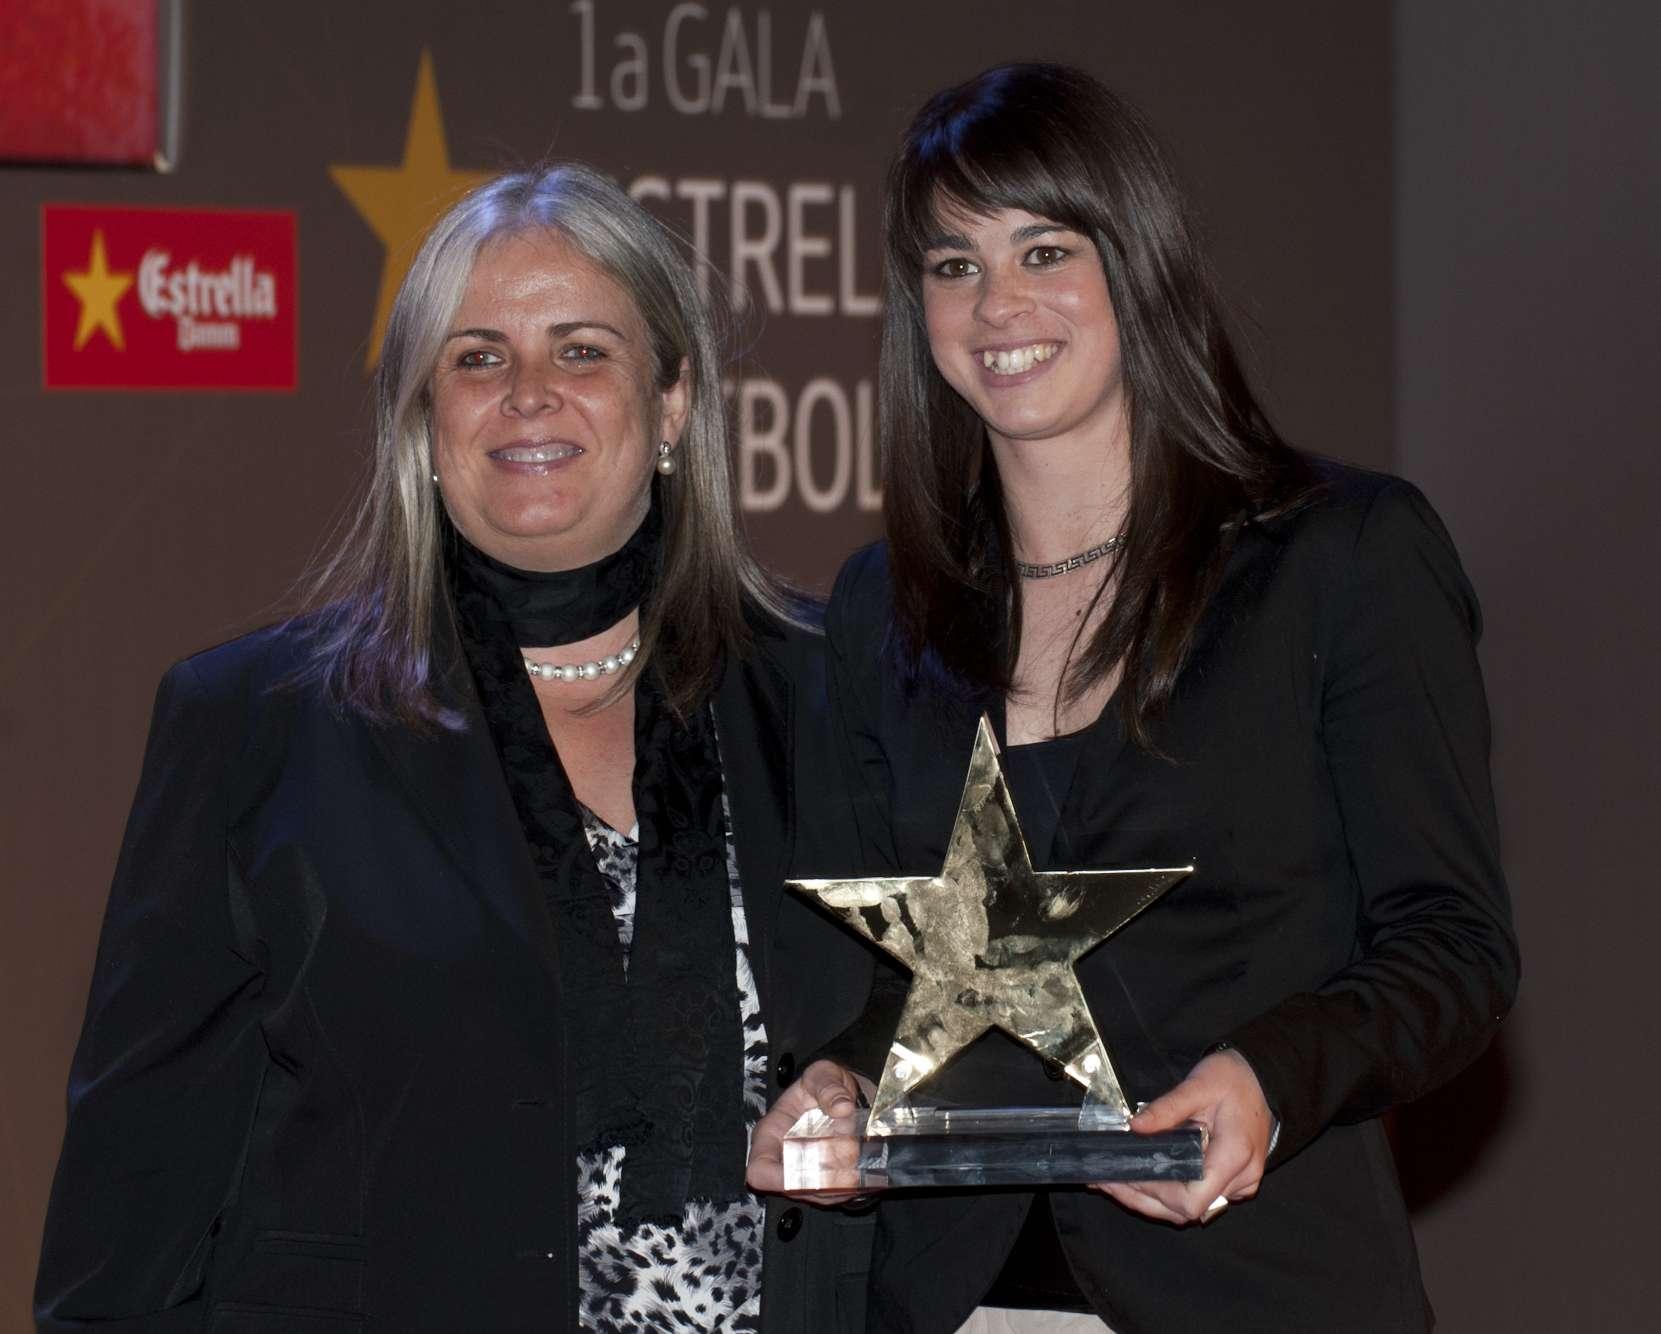 Marta Torrejón, guardonada com a millor jugadora catalana de la 1a Gala de les Estrelles